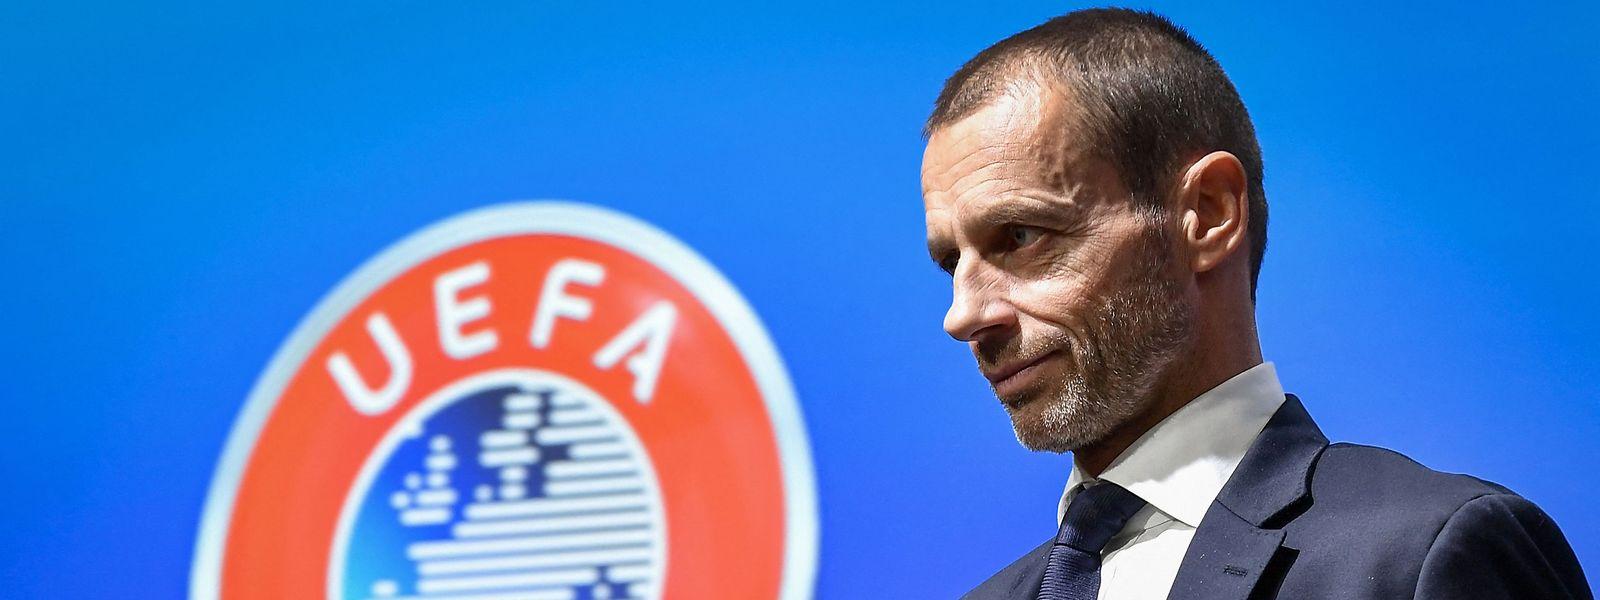 Laut UEFA-Präsident Aleksander Ceferin steht die Regeländerung schon lange im Raum.